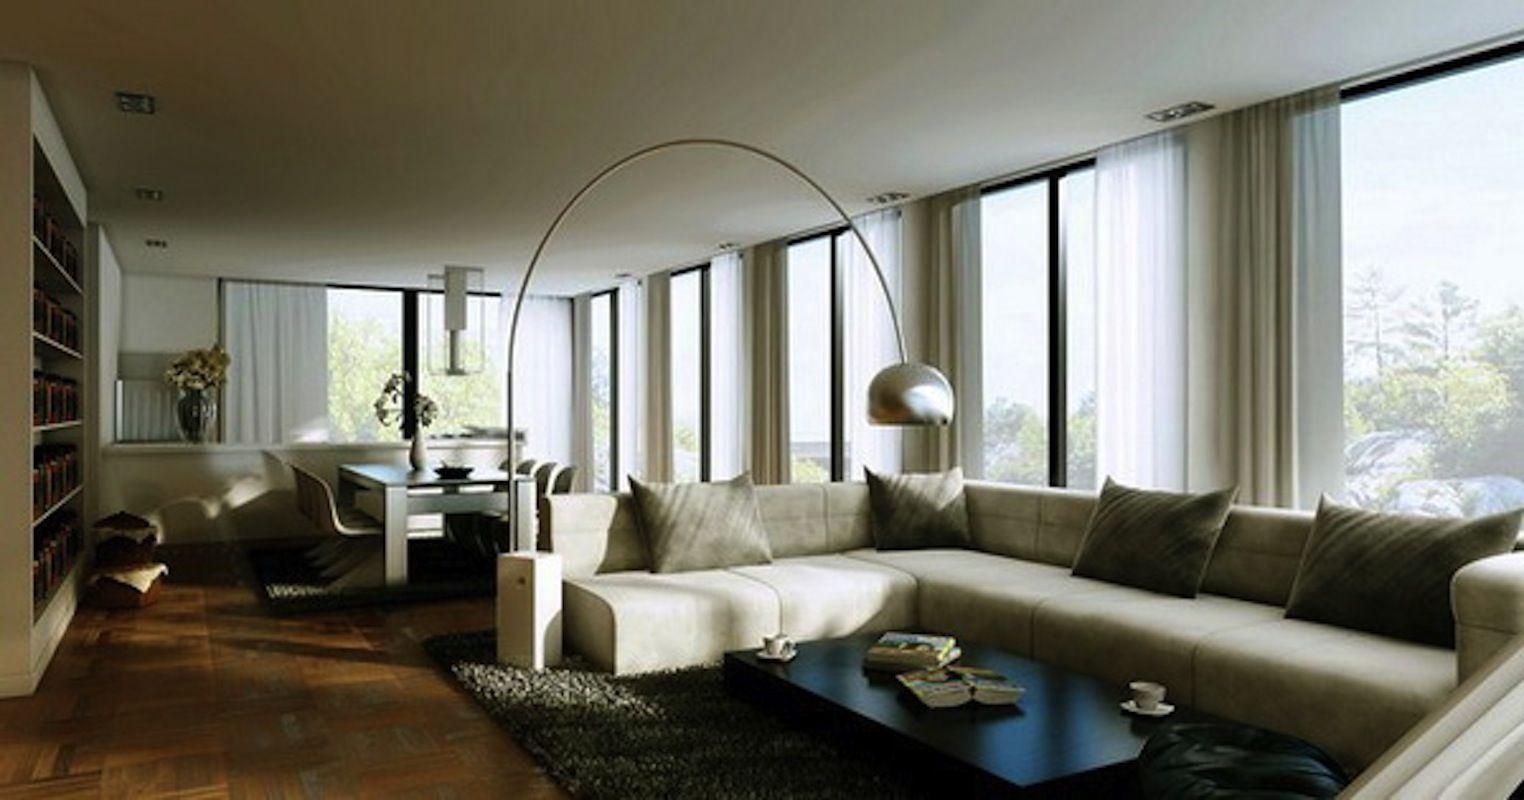 Studio apartment interior 3ds max scene interior design for 3ds max interior